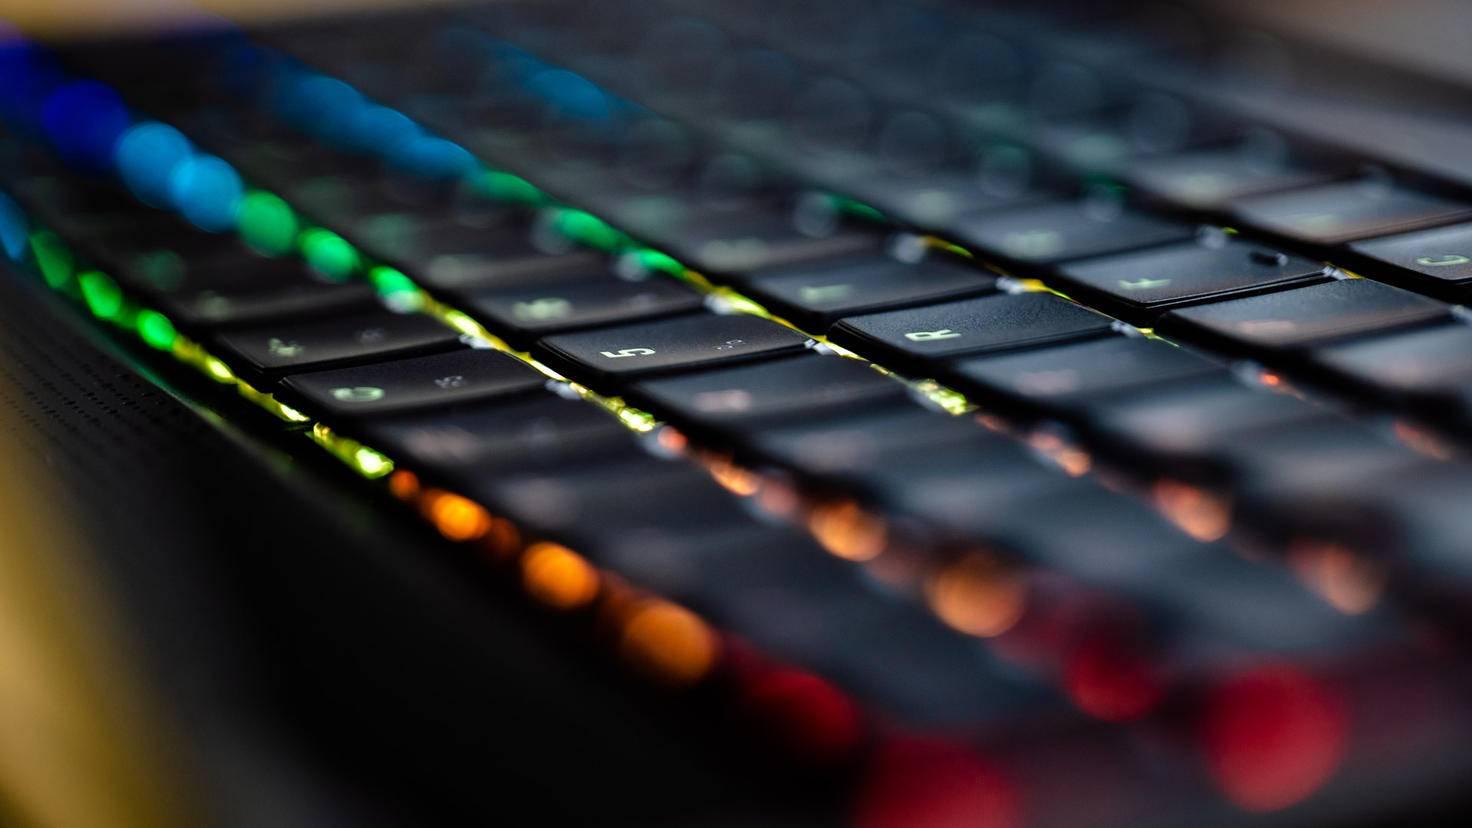 XMG Neo 15 opto-mechanical keyboard